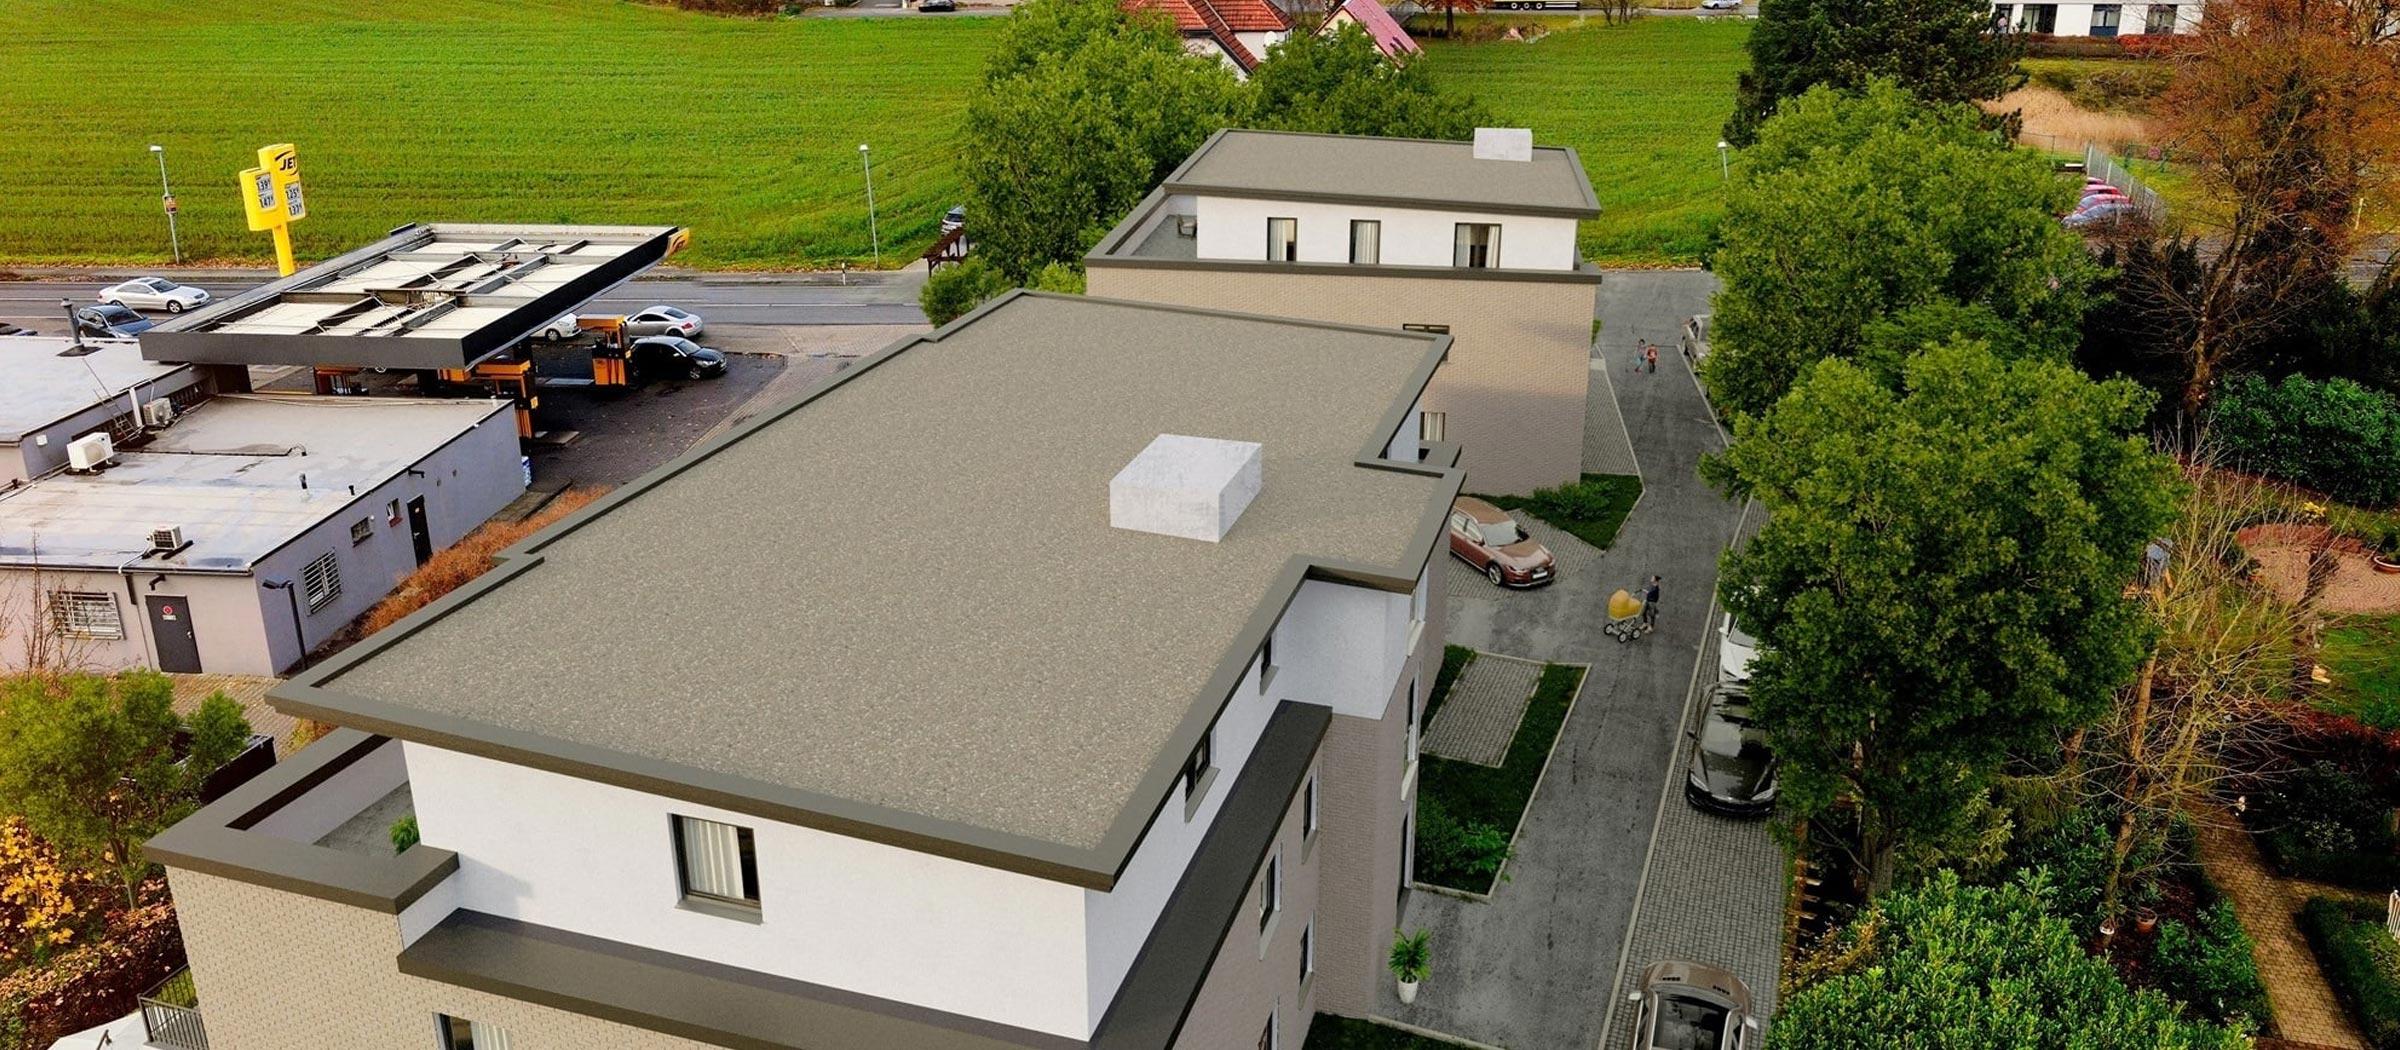 3,2,1 Mietfrei! Neubau-Eigentumswohnungen in Belm